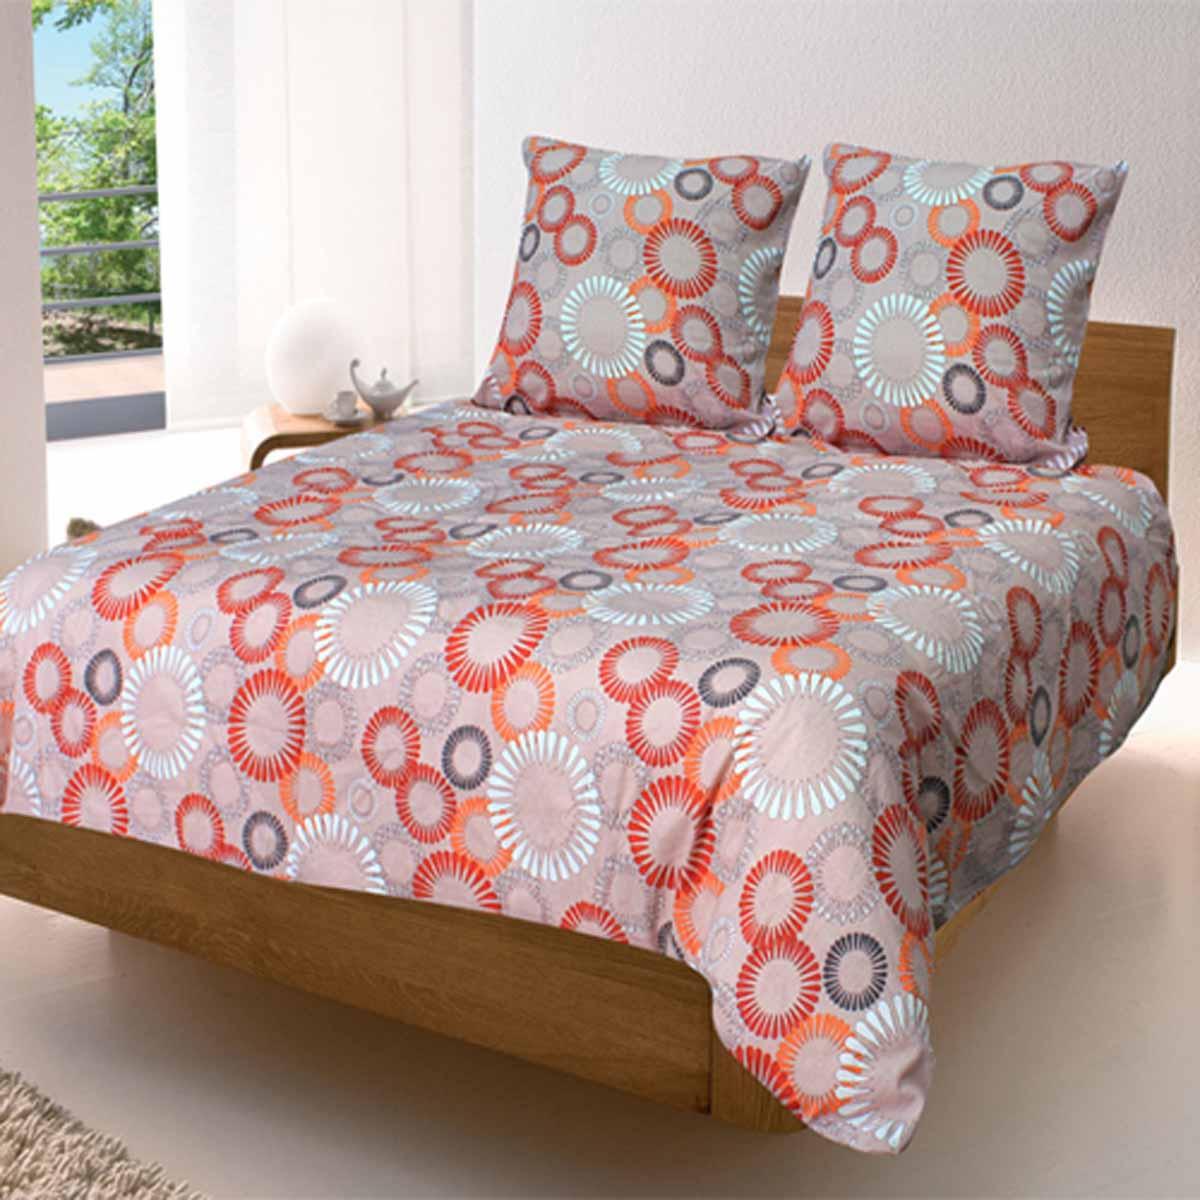 Комплект белья Amore Mio Twist 2, 1,5-спальный, наволочки 70x70. 8752987529Постельное белье из бязи практично и долговечно, а самое главное - это 100% хлопок! Материал великолепно отводит влагу, отлично пропускает воздух, не капризен в уходе, легко стирается и гладится. Новая коллекция Naturel 3-D дизайнов позволит выбрать постельное белье на любой вкус!